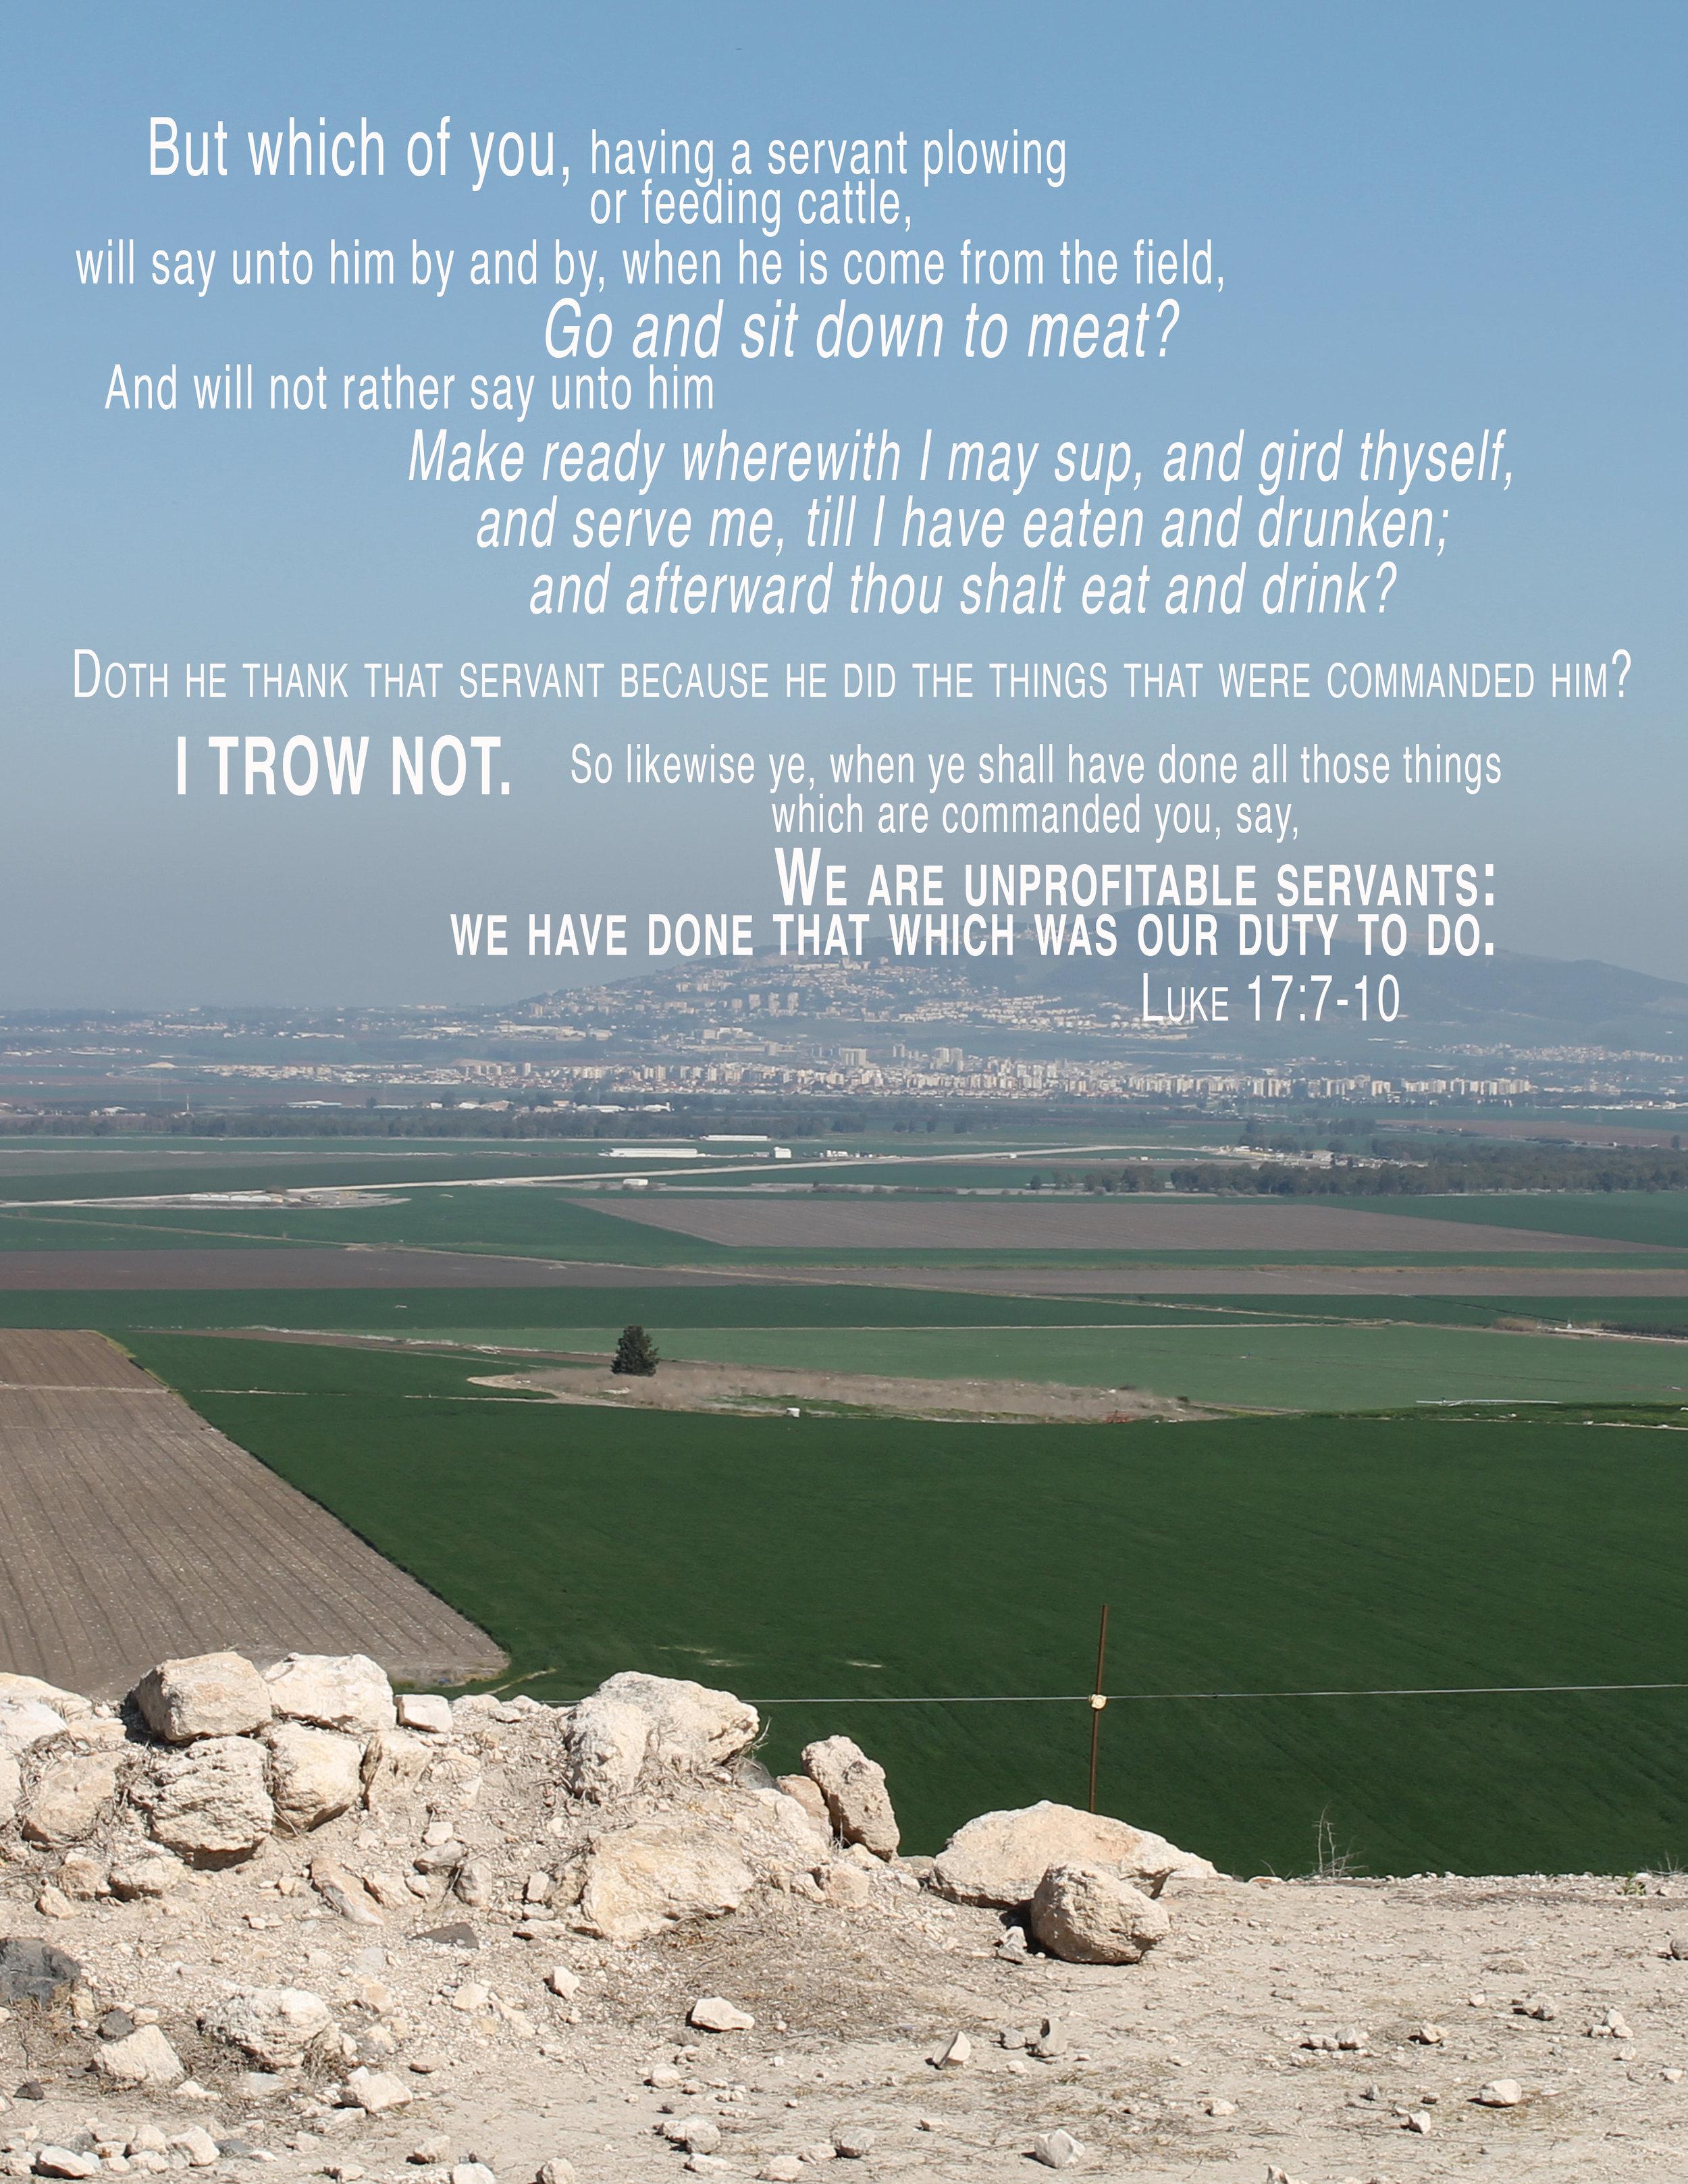 Luke 17-7-10